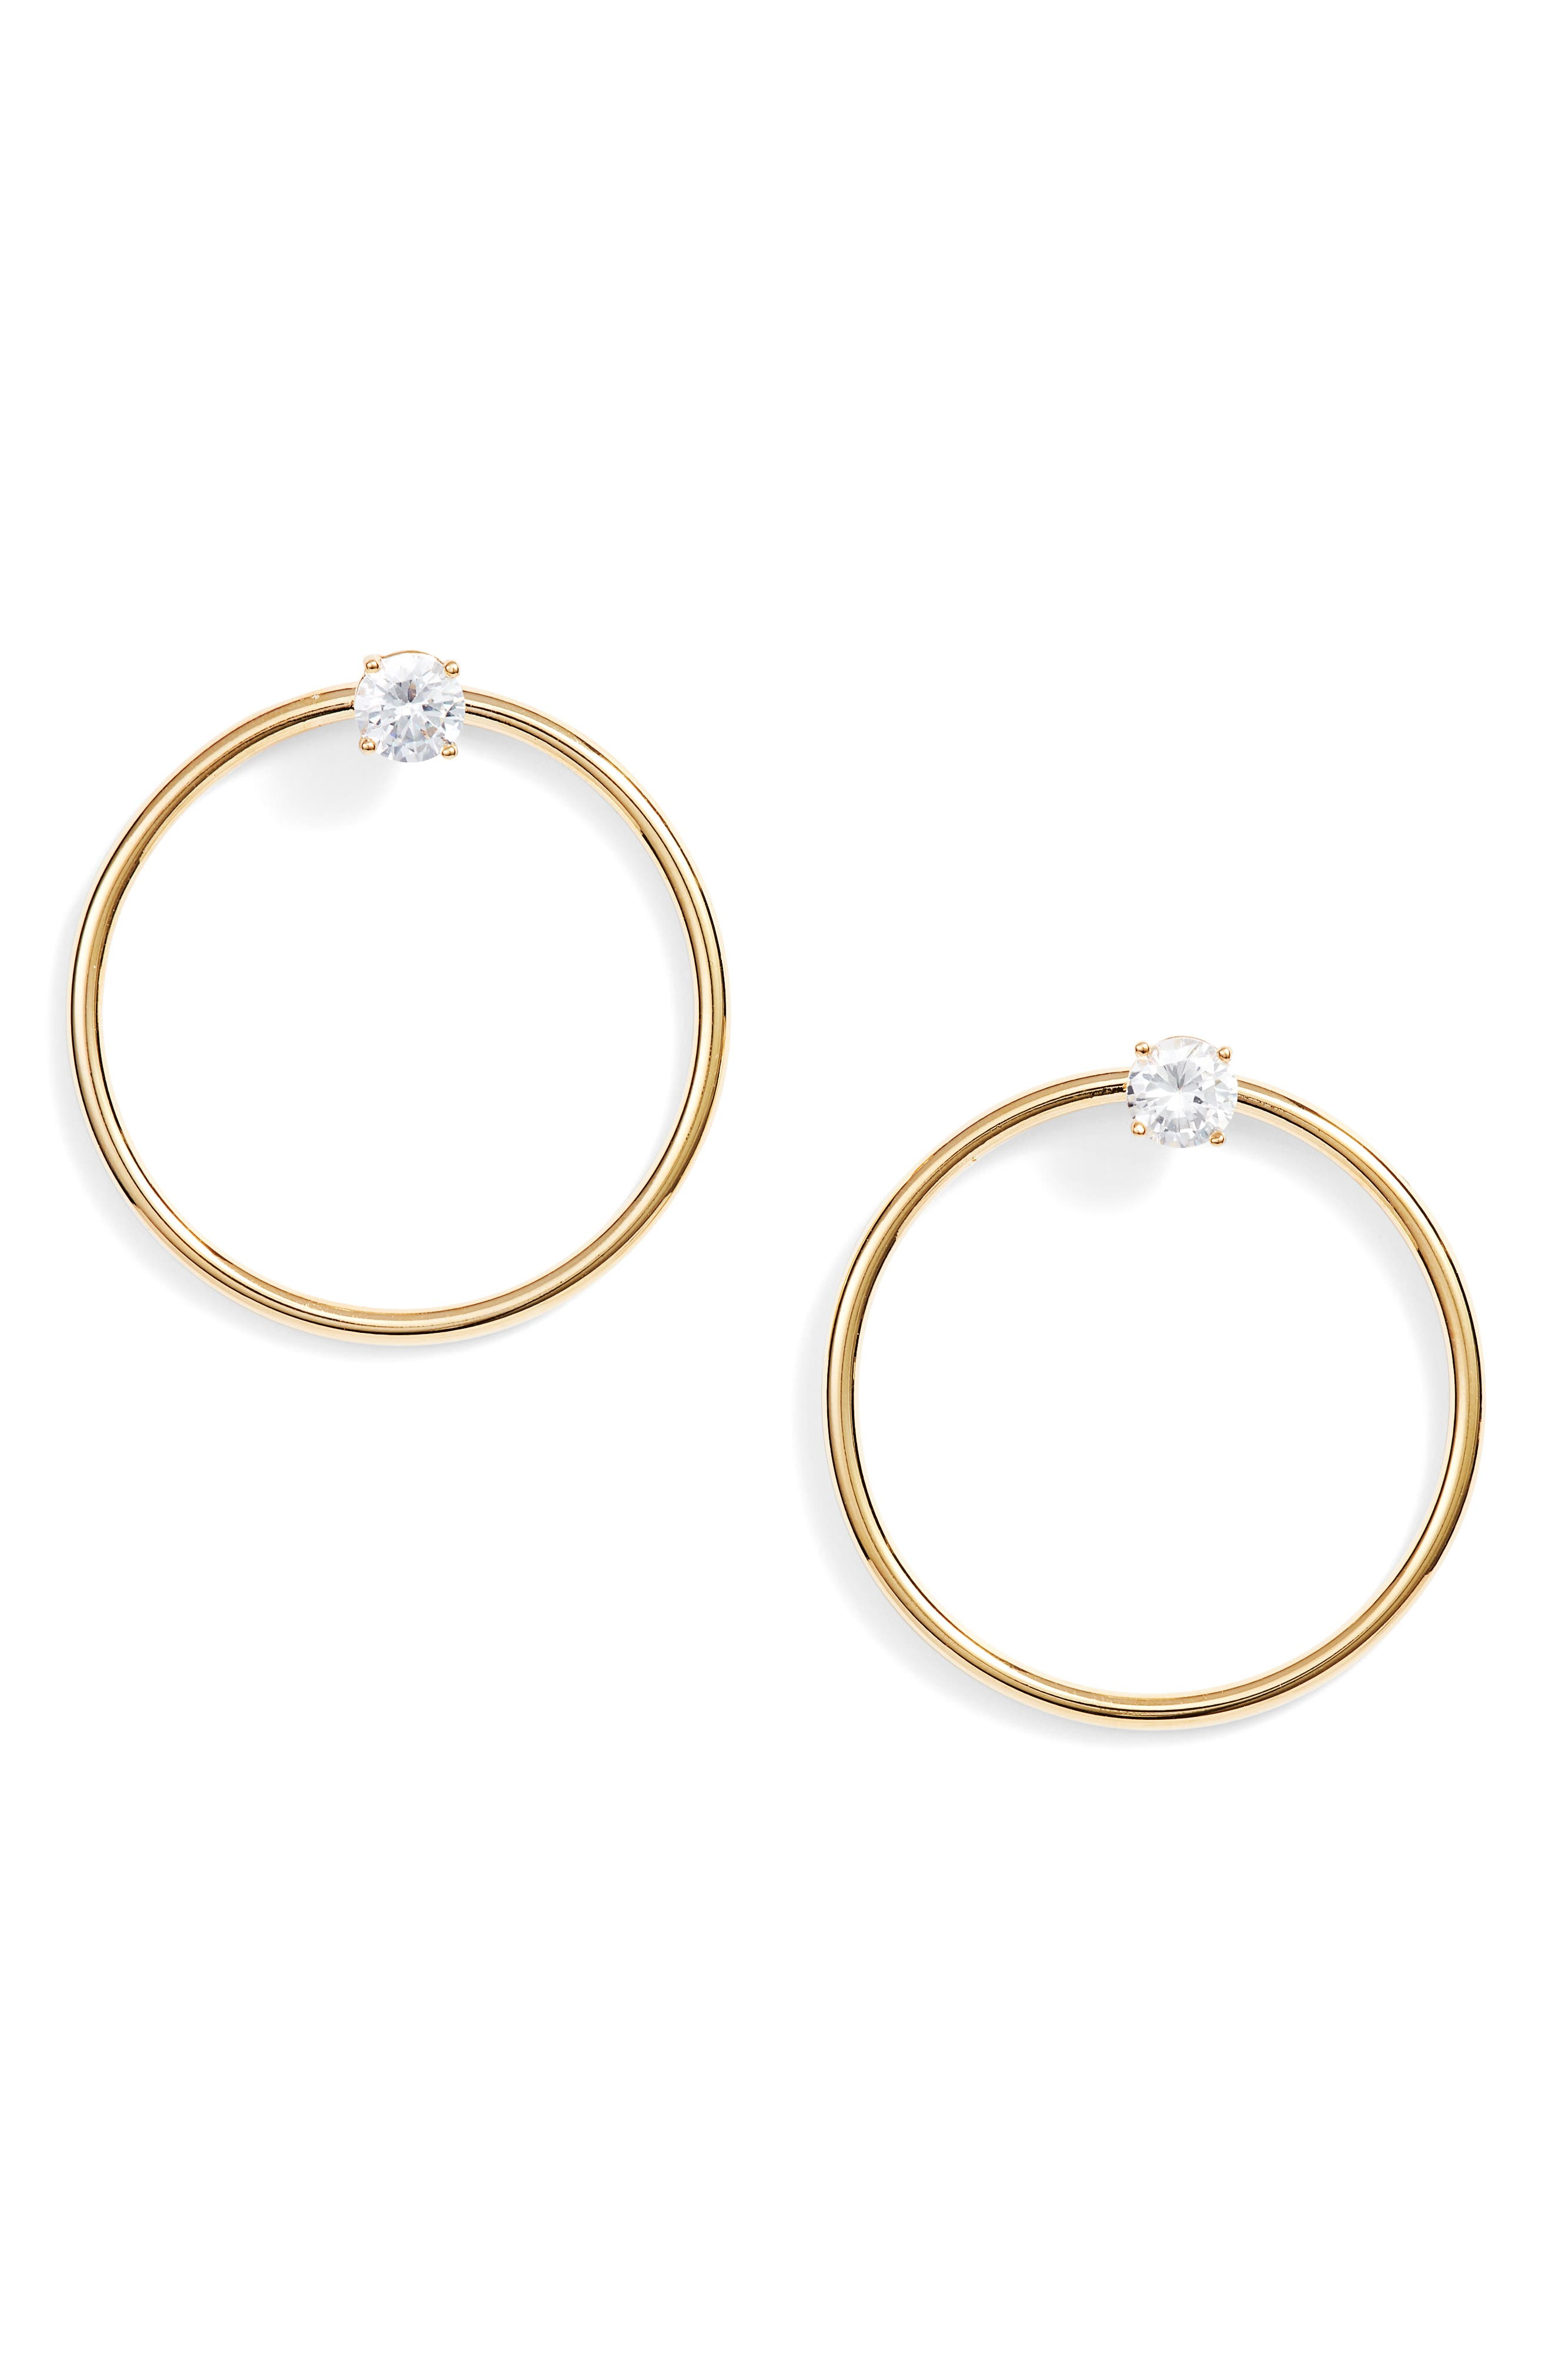 Crystal Stud Hoop Earrings,                         Main,                         color, Gold